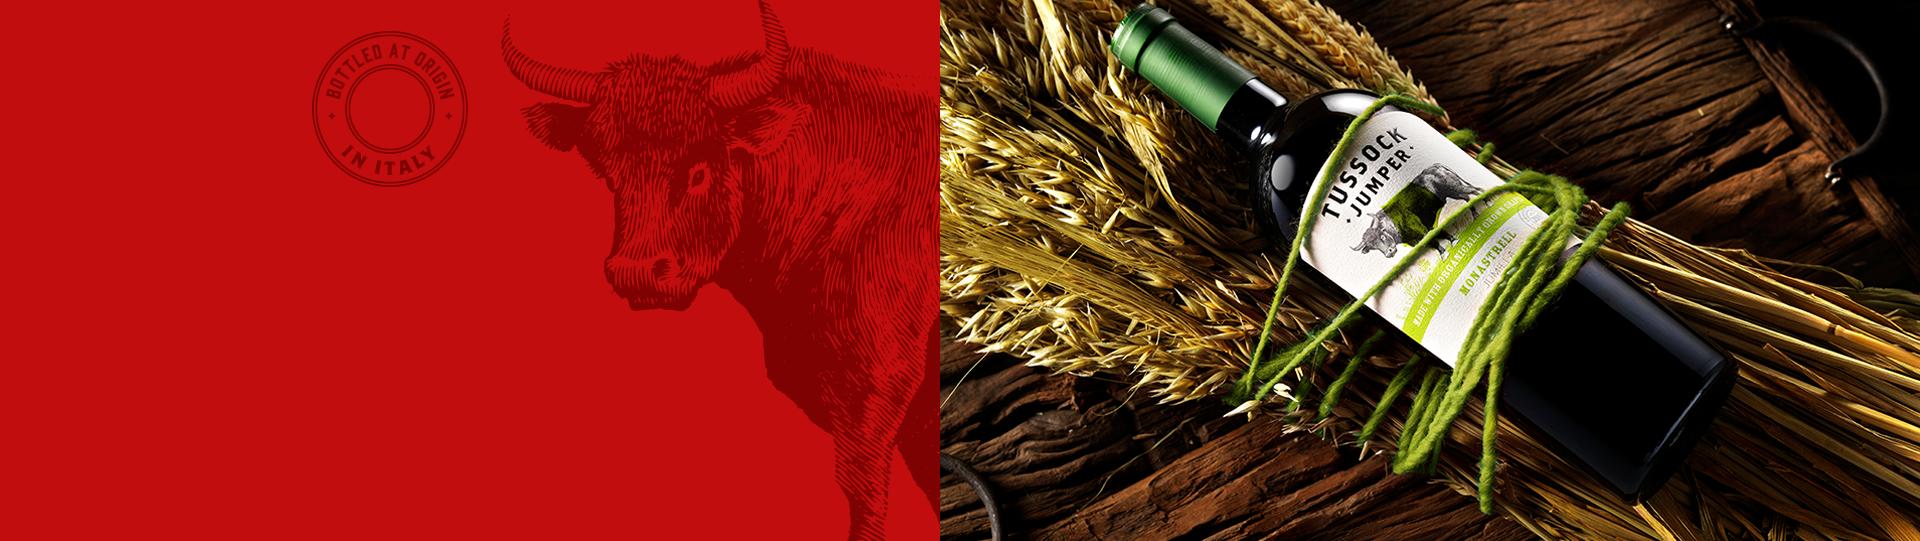 Tussock Jumper Wines - Spain - Monastrell Organic